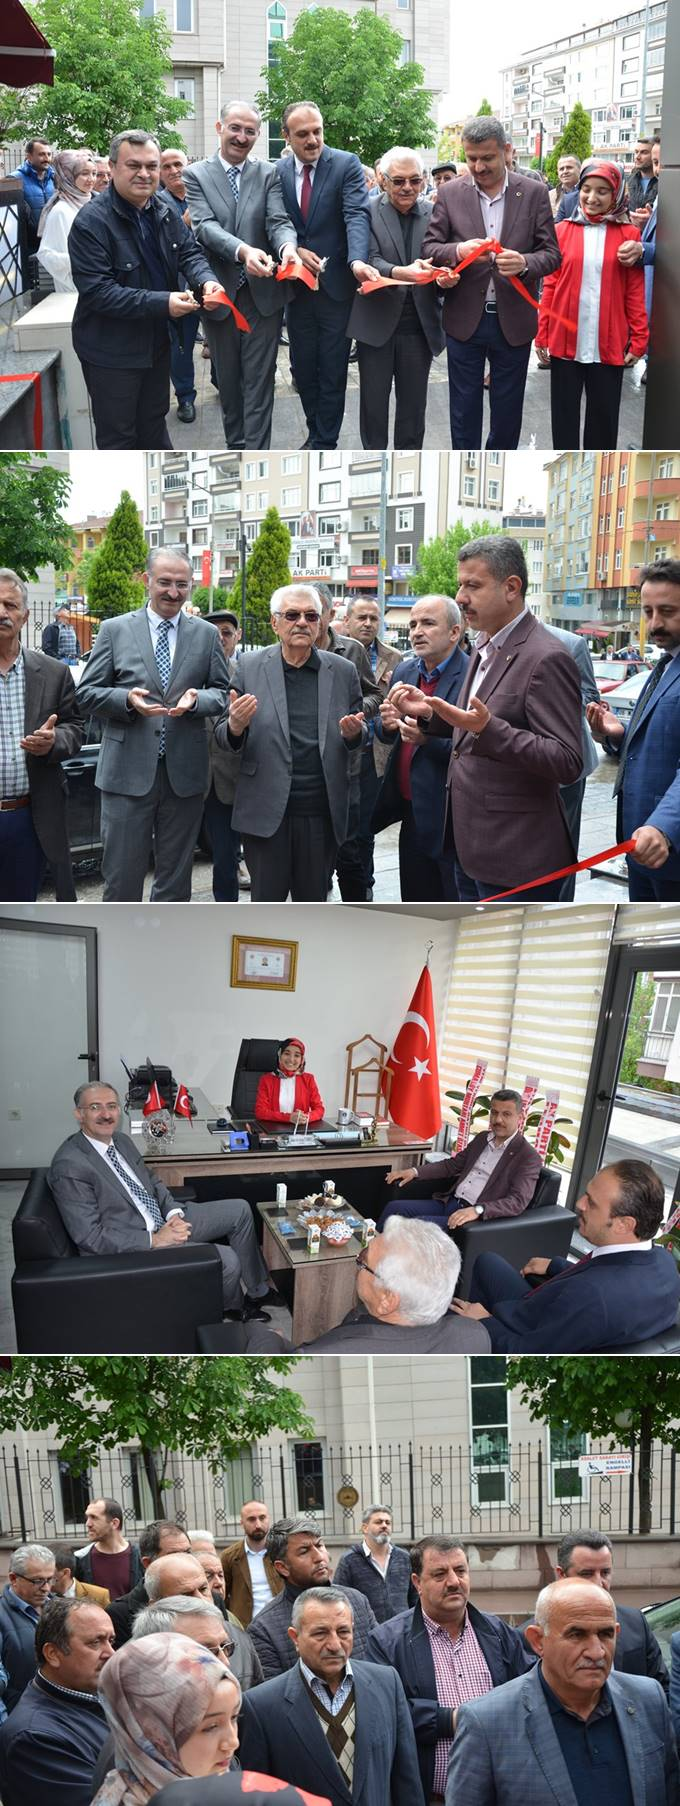 Türkmen Hukuk Bürosunun açılışı  bugün saat 15.00'de vatandaşların katılımı ile gerçekleştirildi.